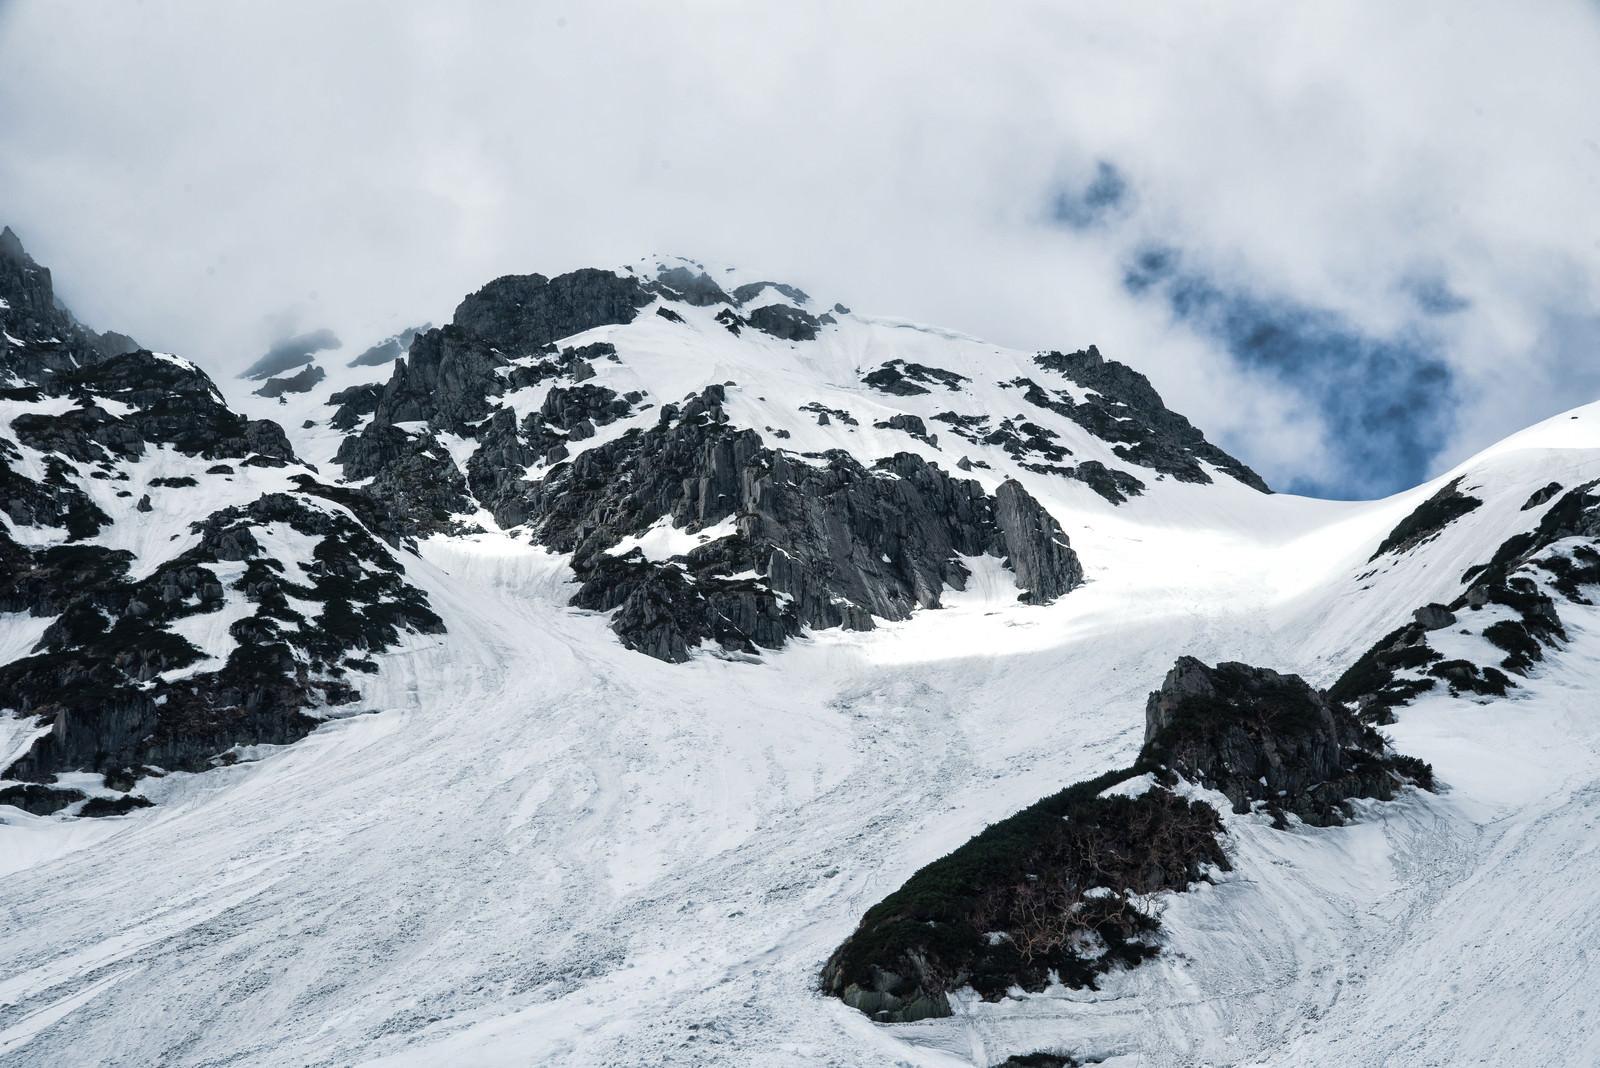 「冬のあずき沢と奥穂高岳(飛騨山脈)」の写真